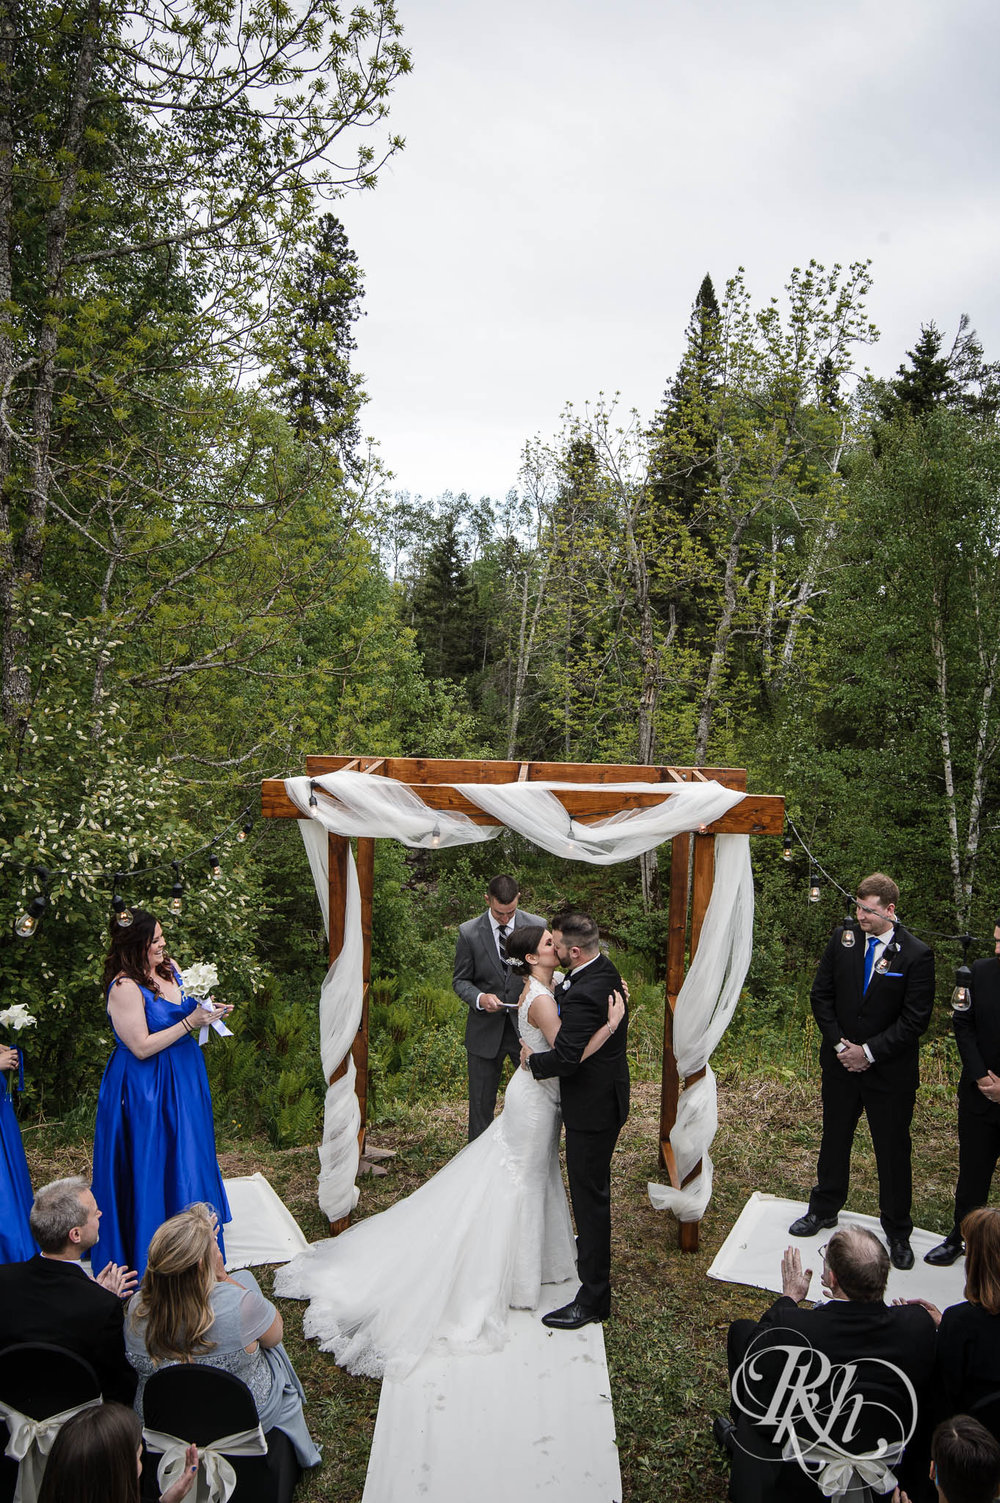 Tonya & Steve - Minnesota Wedding Photograhper - RKH Images - Blog (18 of 53).jpg